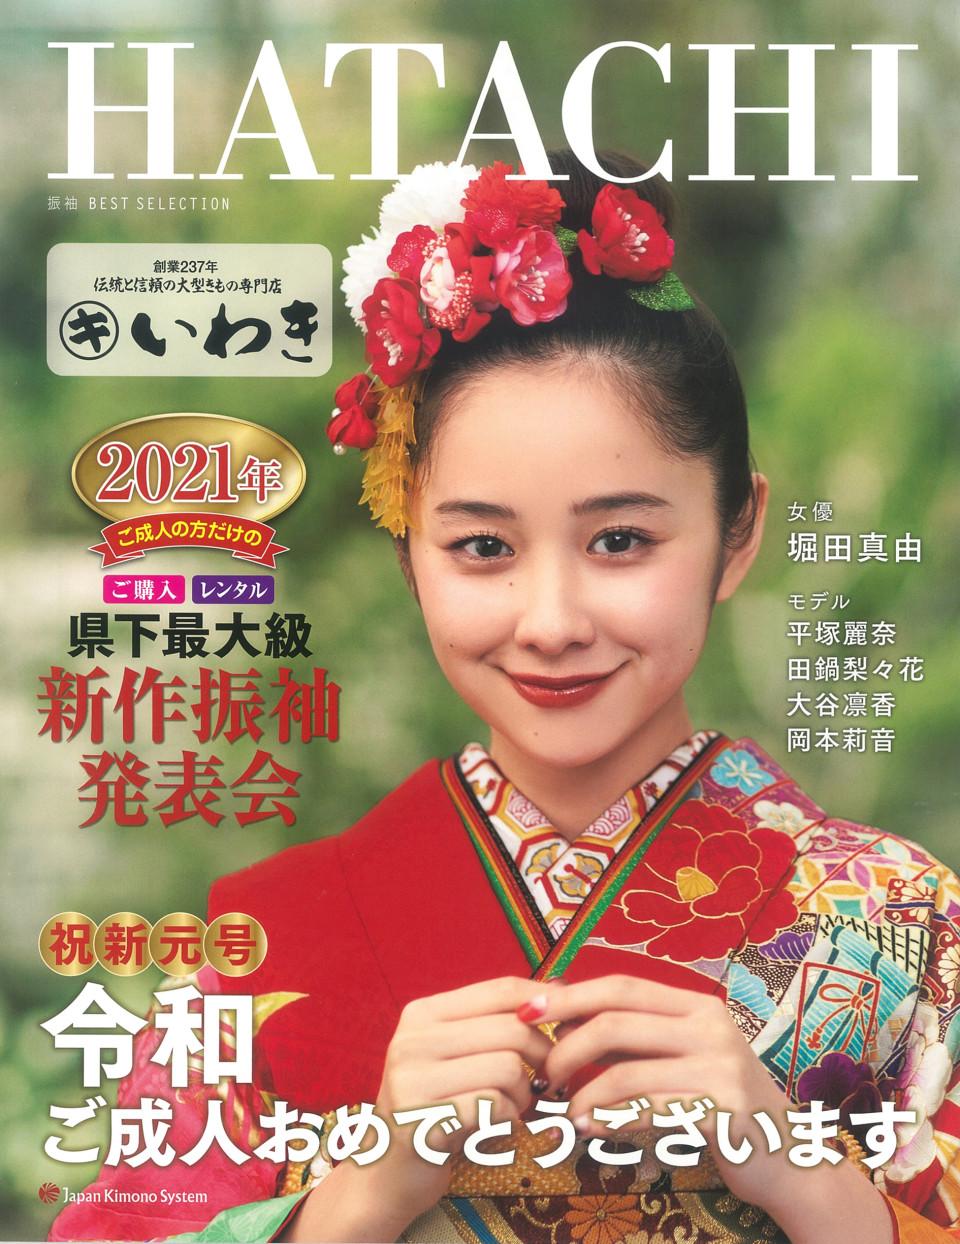 HATACHI2021いわき表紙-2966KB